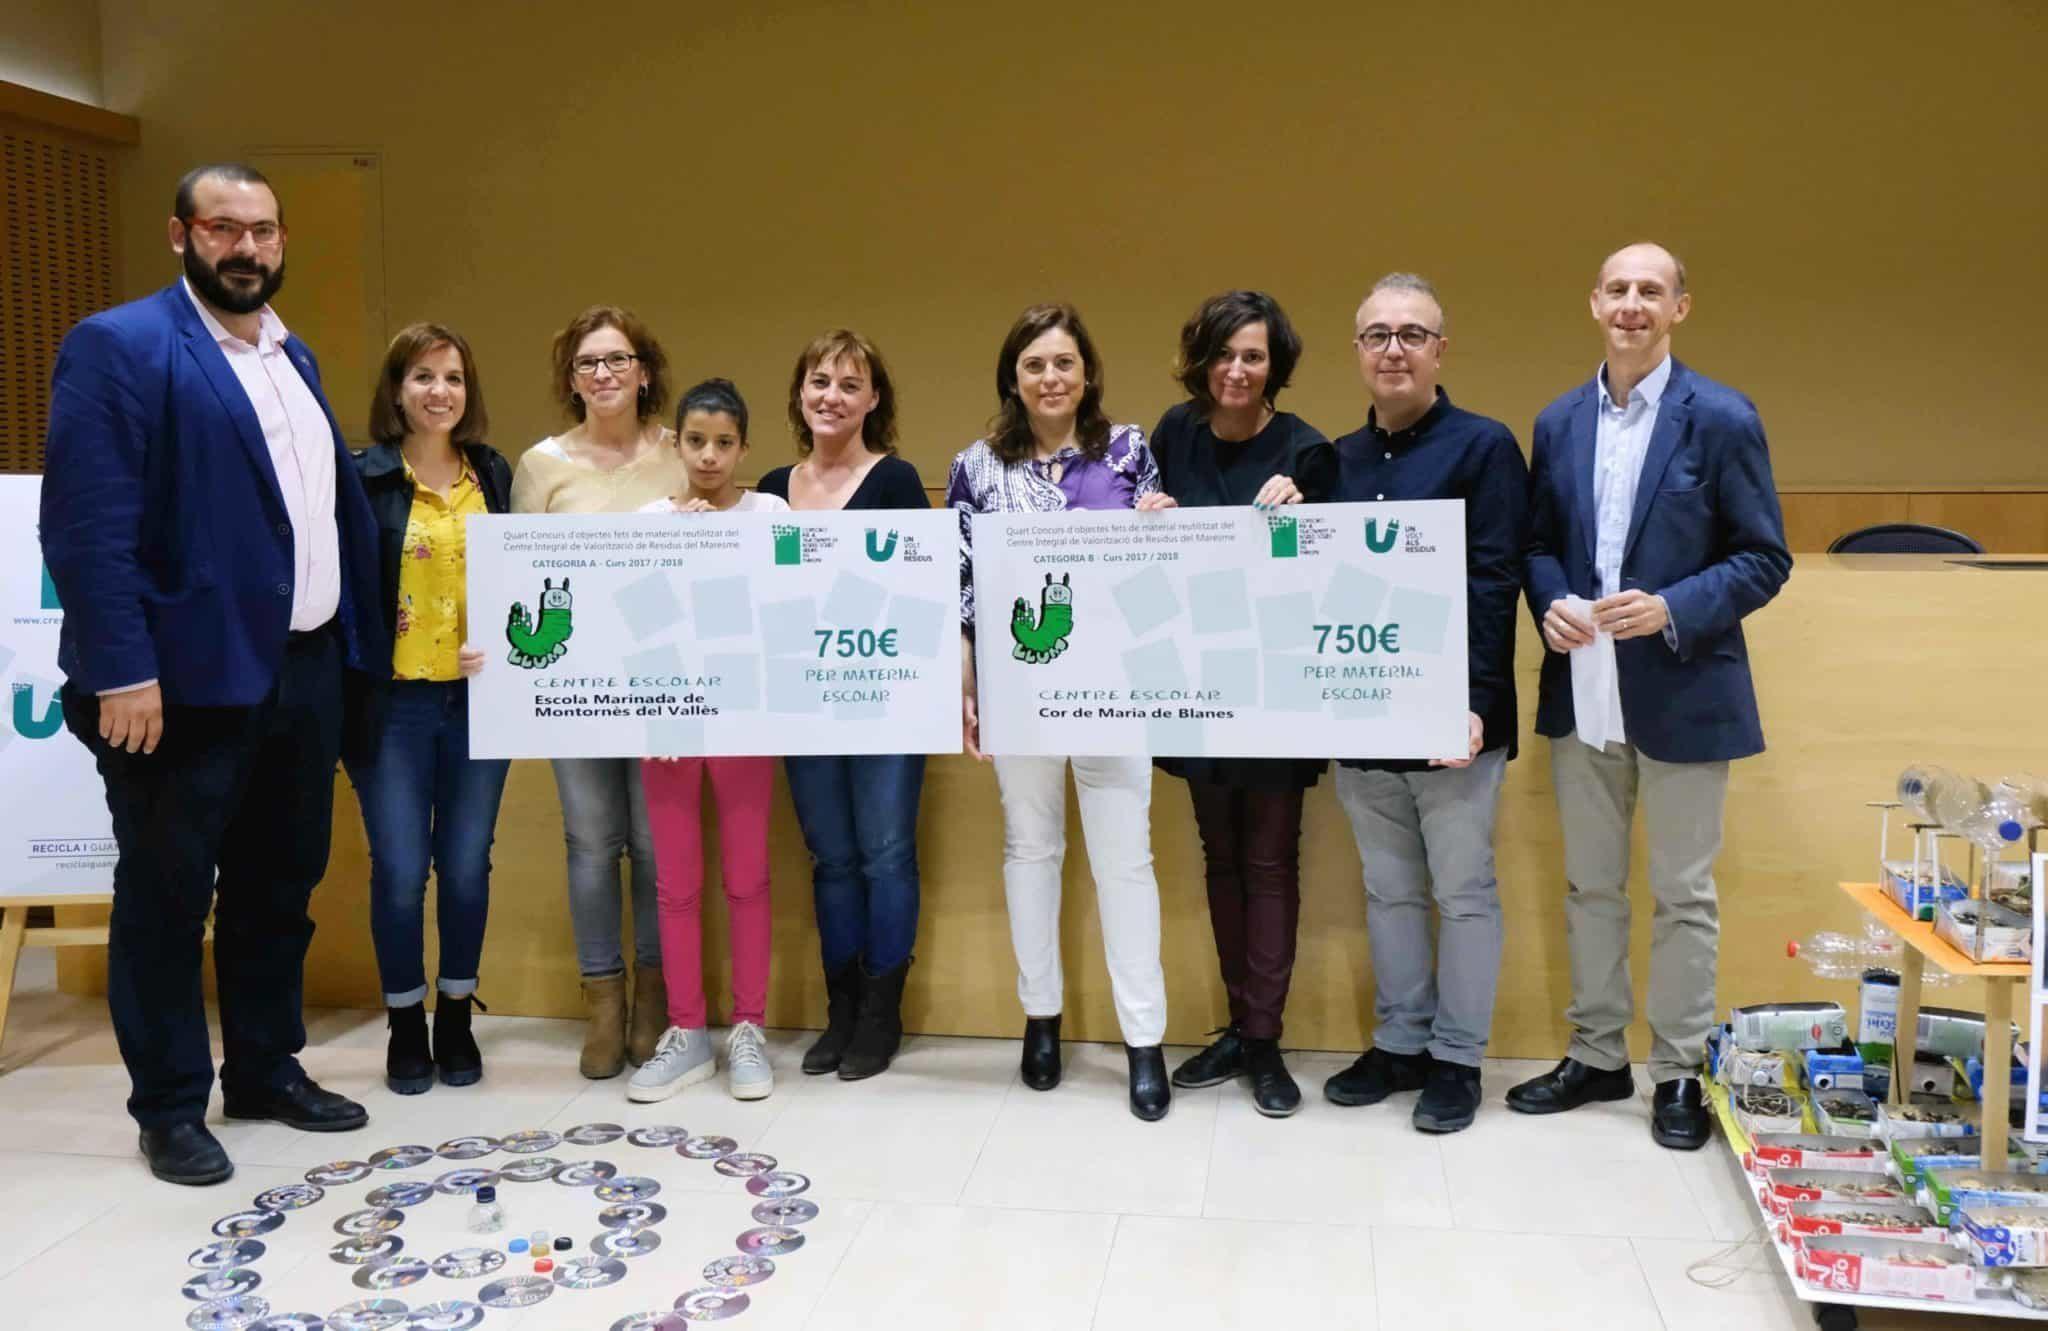 Concurs 2017-18 entrega premis